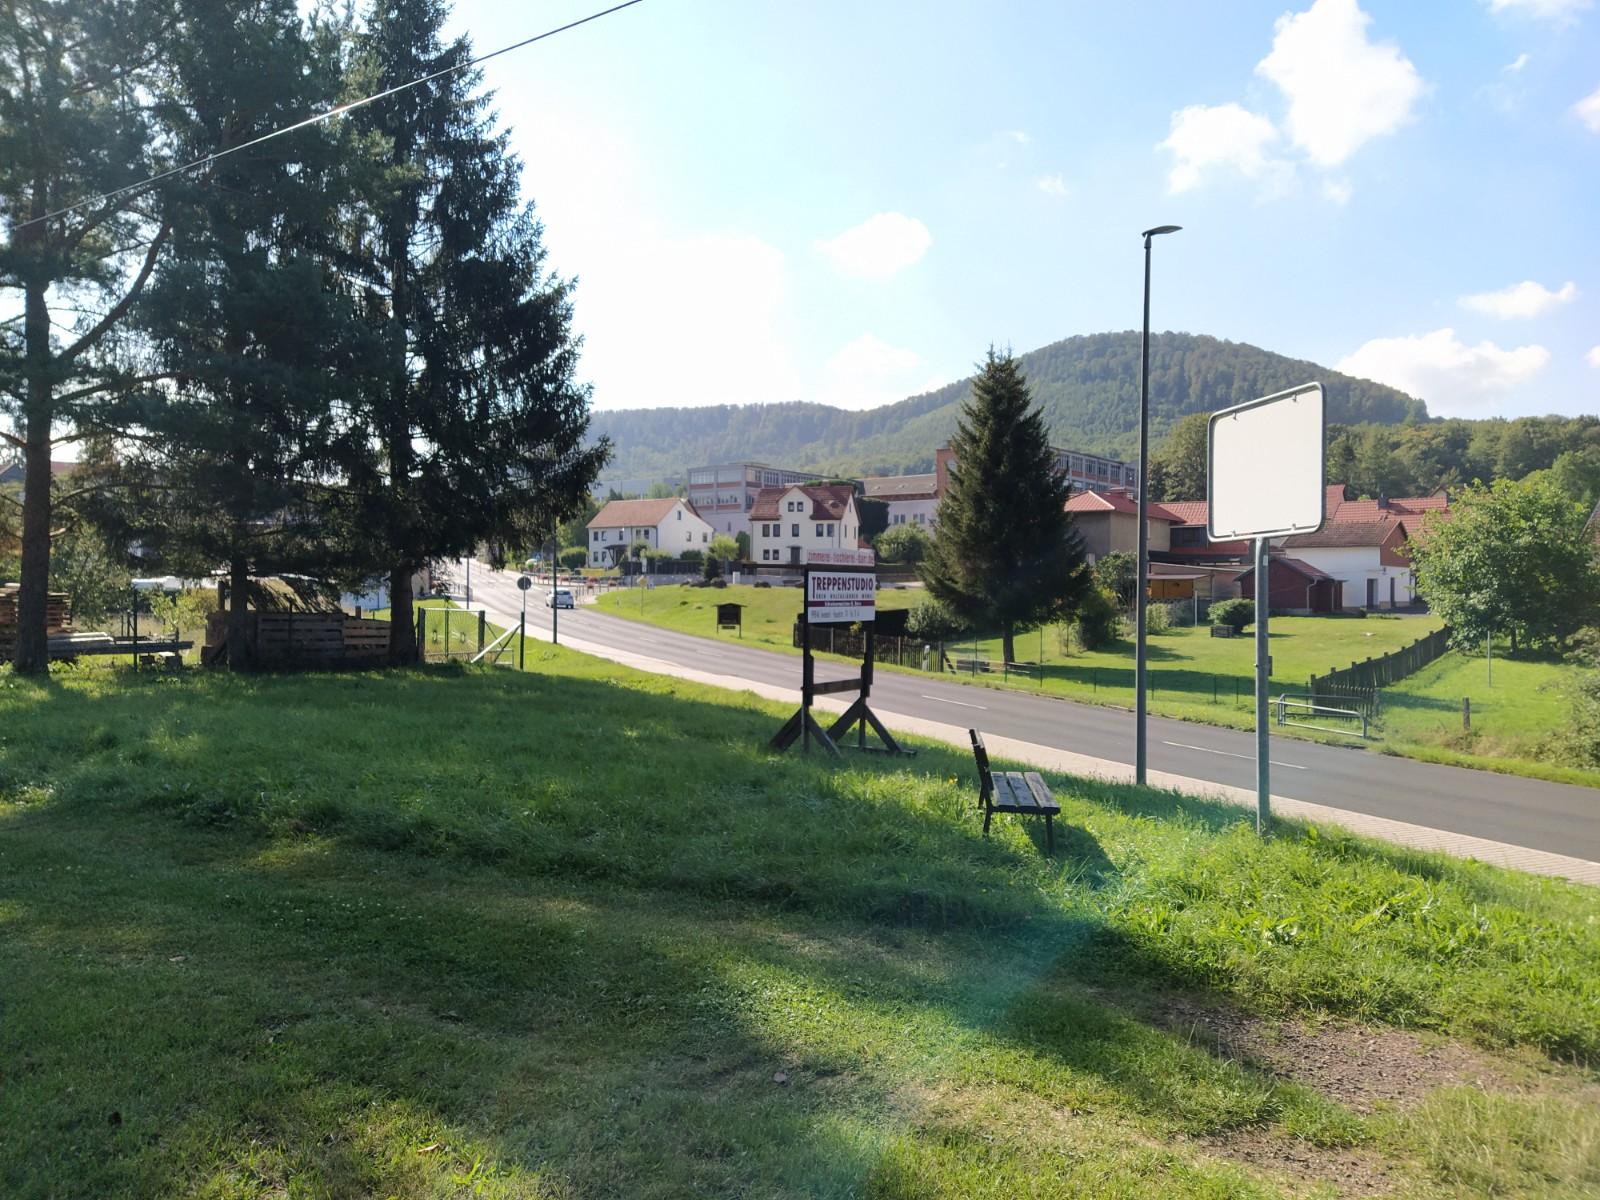 Blick auf die Neue Straße in Seebach vom Petersberg aus. Eine Wiese mit Bank am Straßenrand.